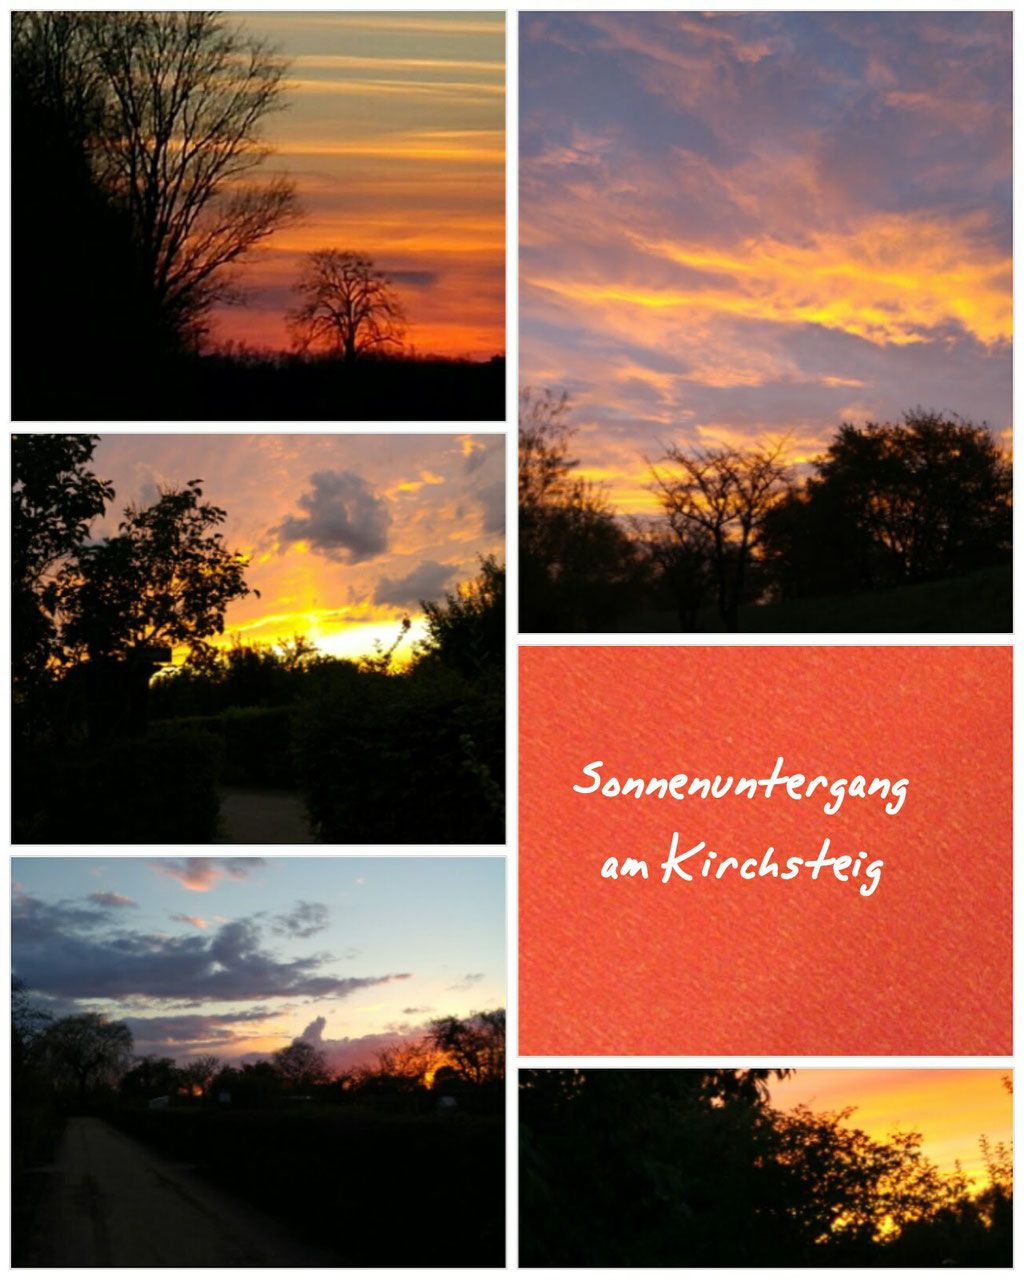 Sonnenuntergang am Kirchsteig